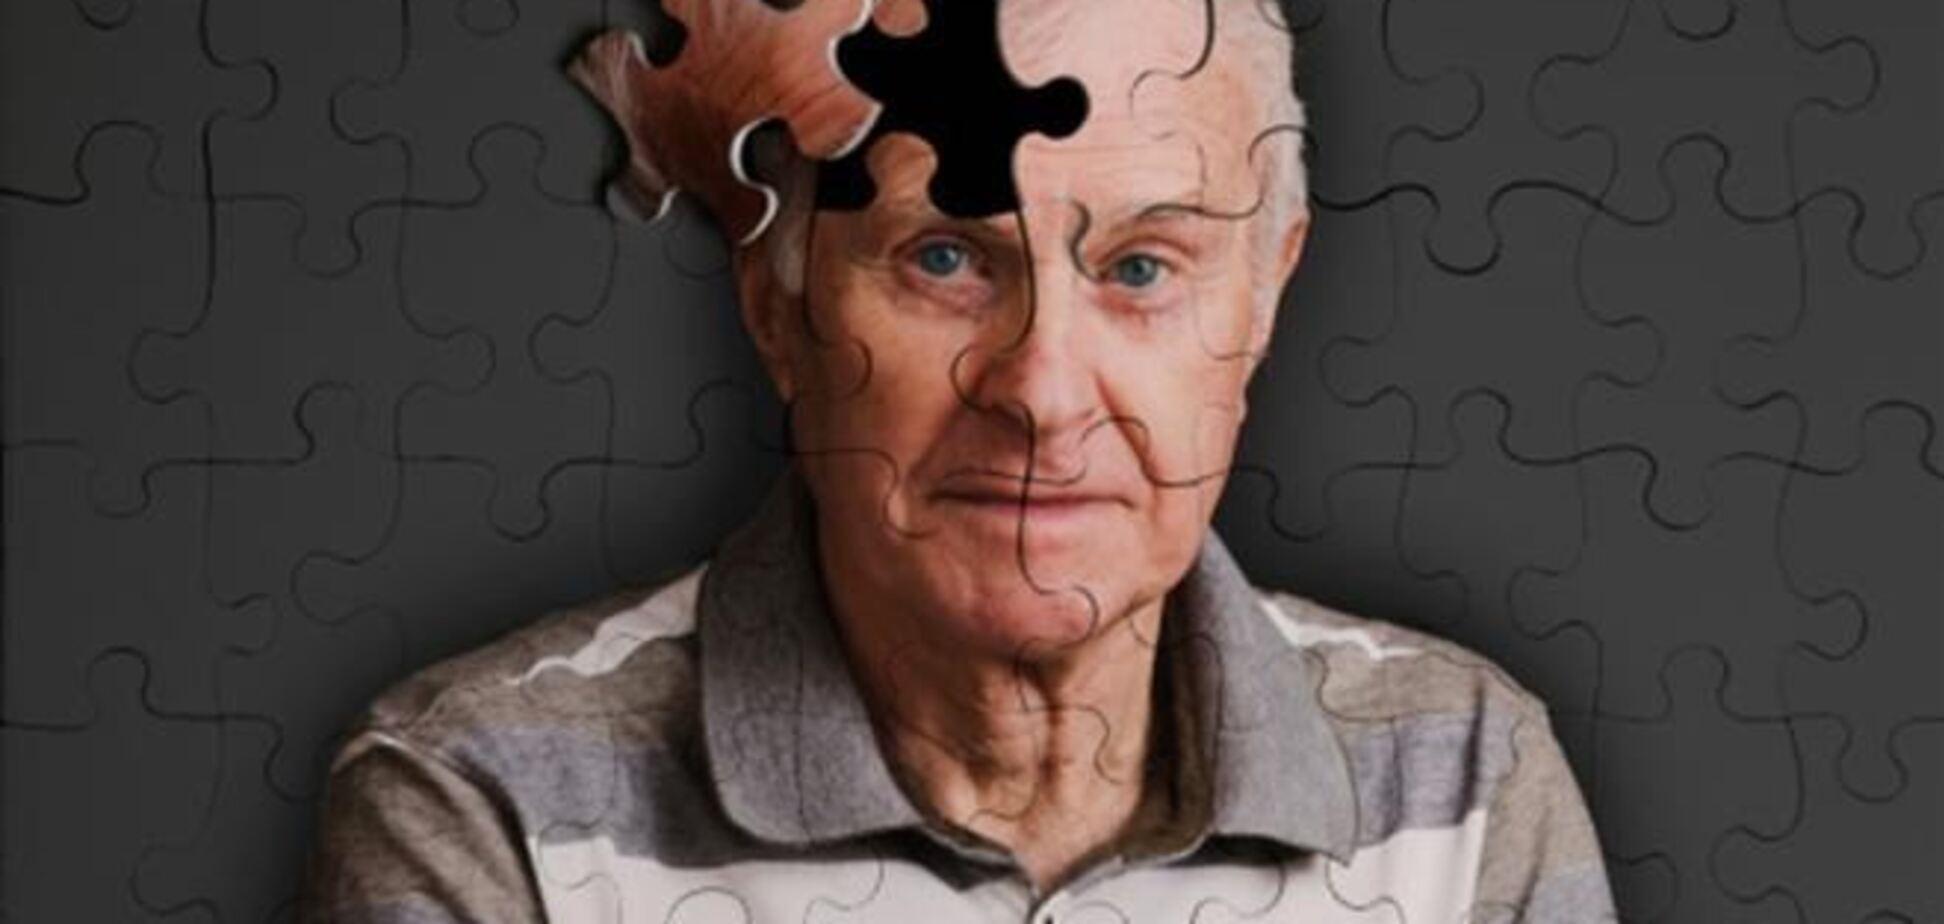 Апатия может быть симптомом болезни Альцгеймера